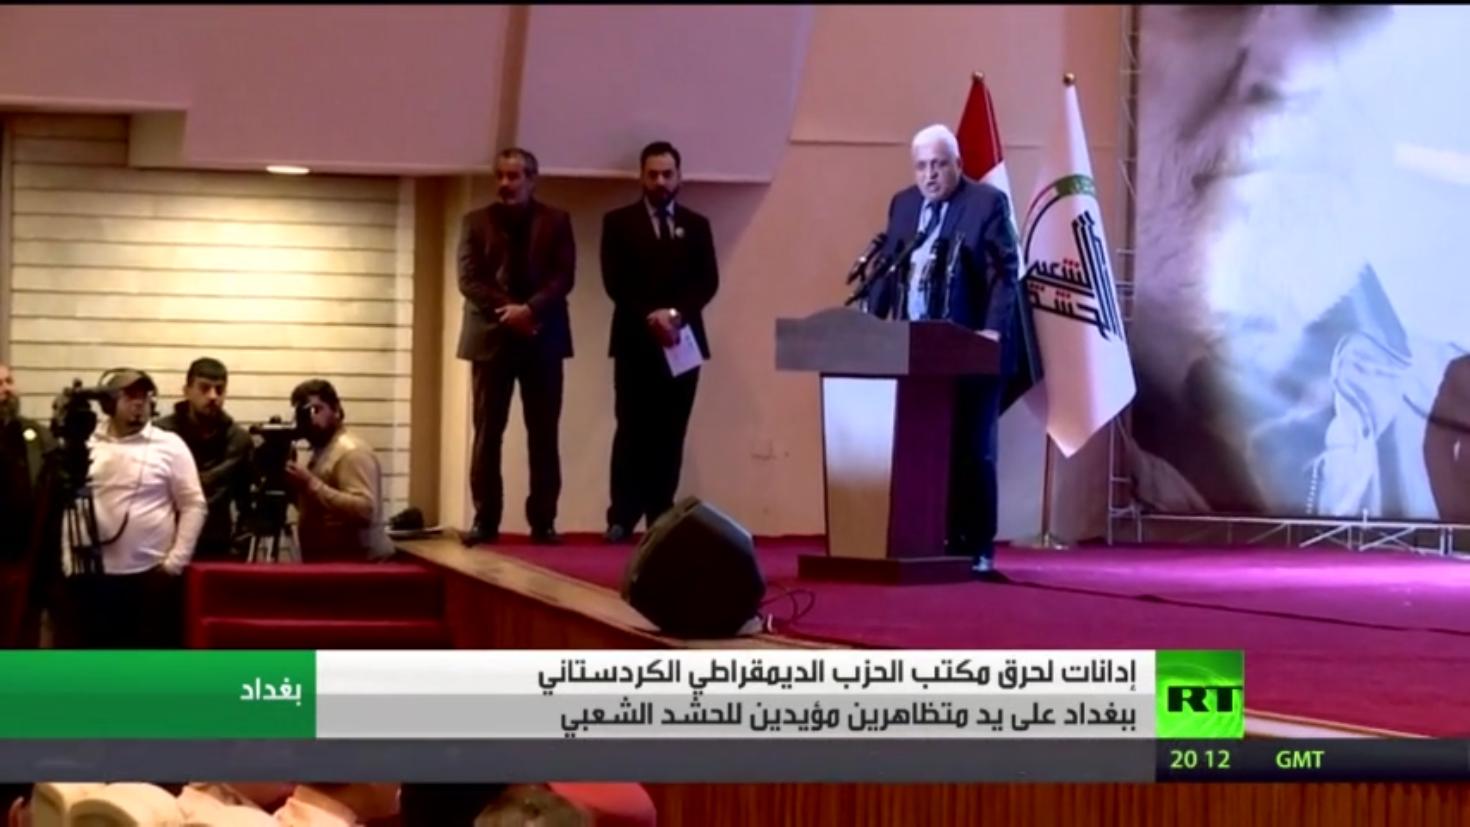 إدانات لحرق مكتب الحزب الديمقراطي الكردستاني ببغداد على يد متظاهرين مؤيدين للحشد الشعبي